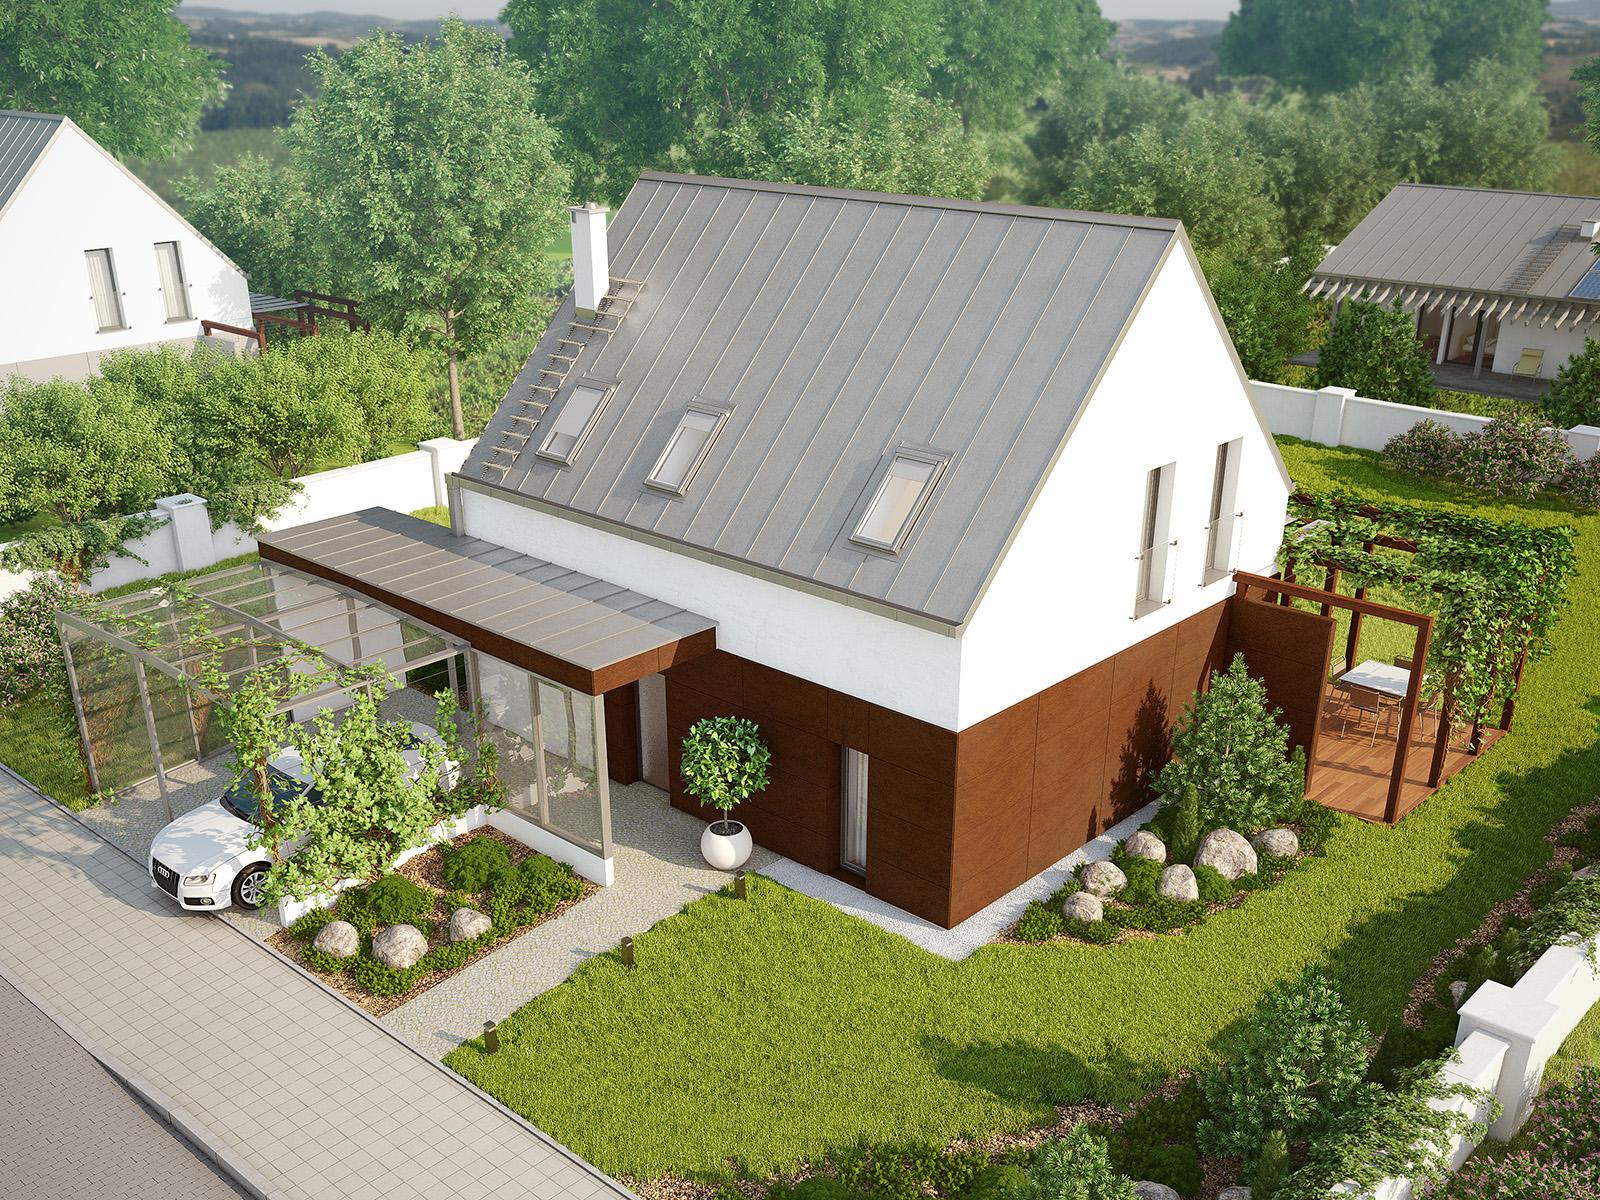 Projekt domu MALUTKI Domy Czystej Energii widok od frontu i z boku